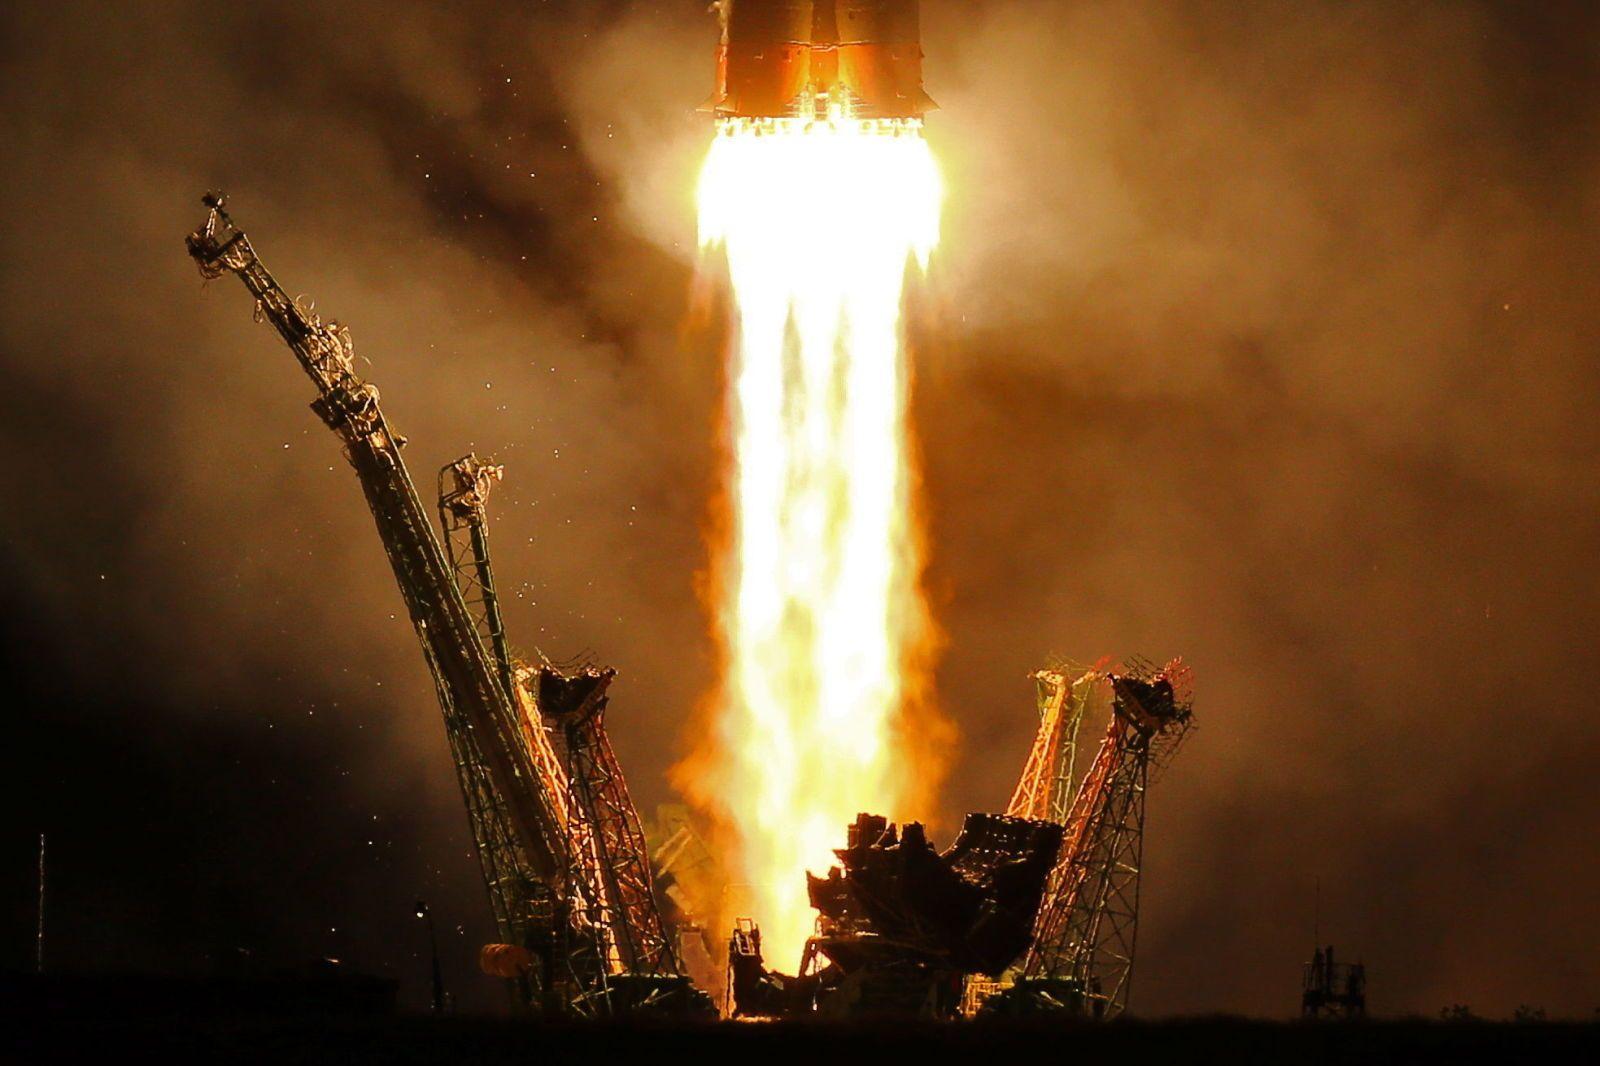 O foguete Soyuz-FG, um derivado de futuro distante do foguete R-7 original, decola no Cosmódromo de Baikonur, no Cazaquistão, em 13 de setembro de 2017.